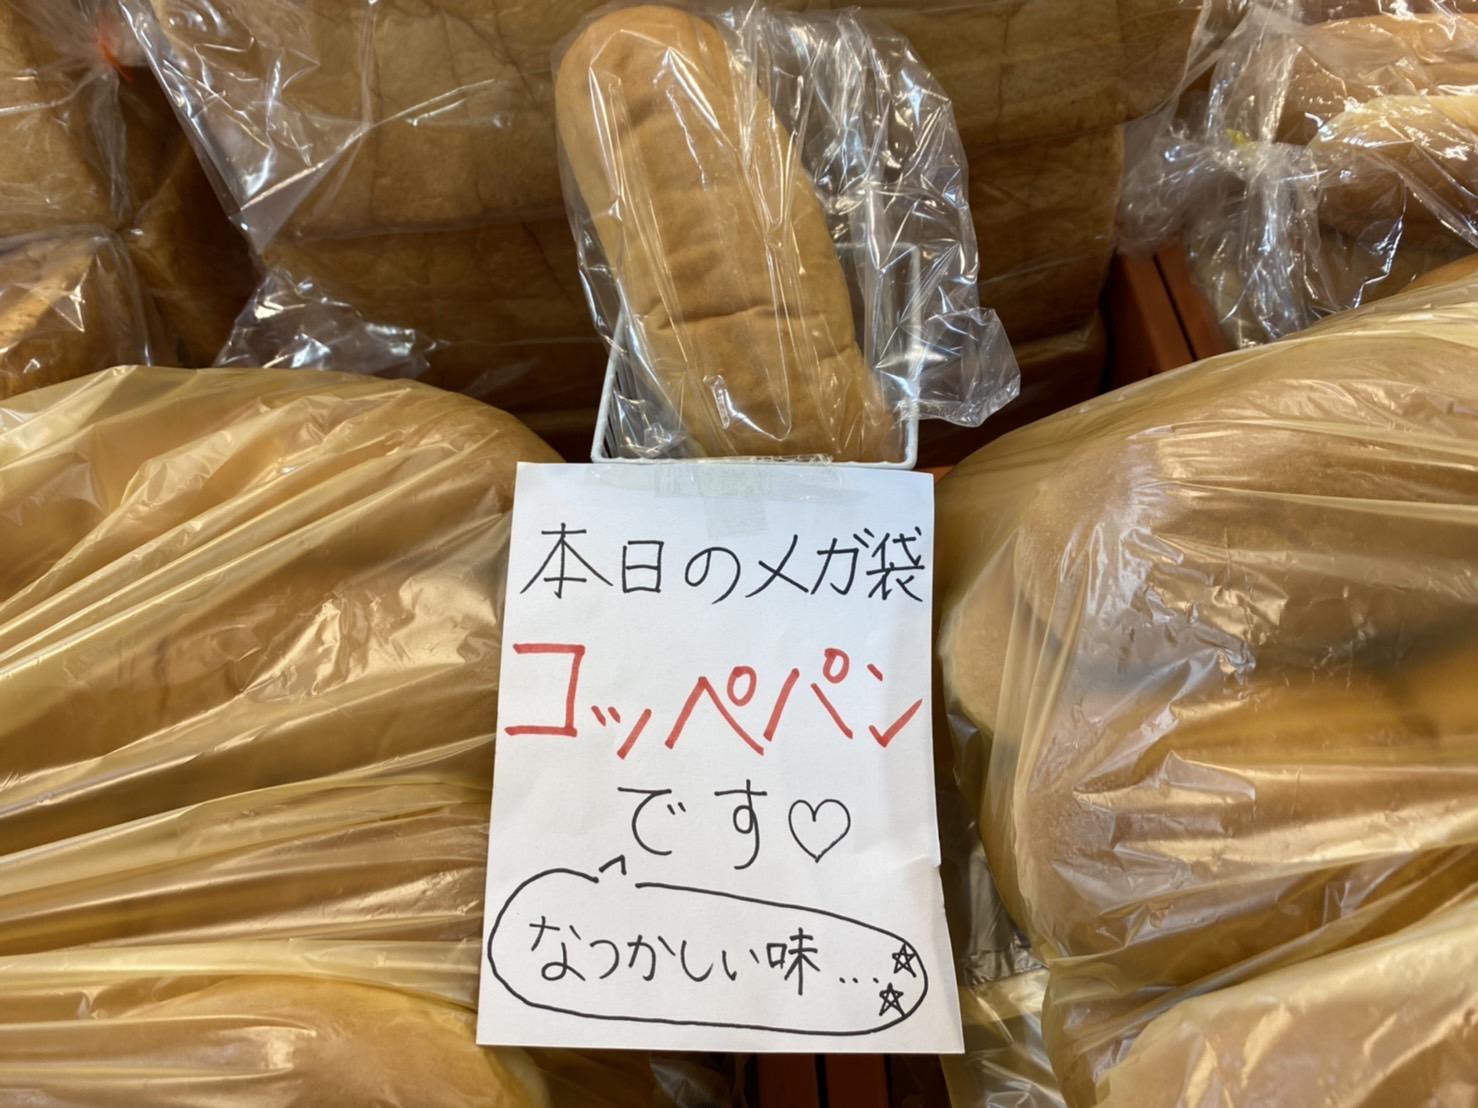 コスゲパン日替わりパン